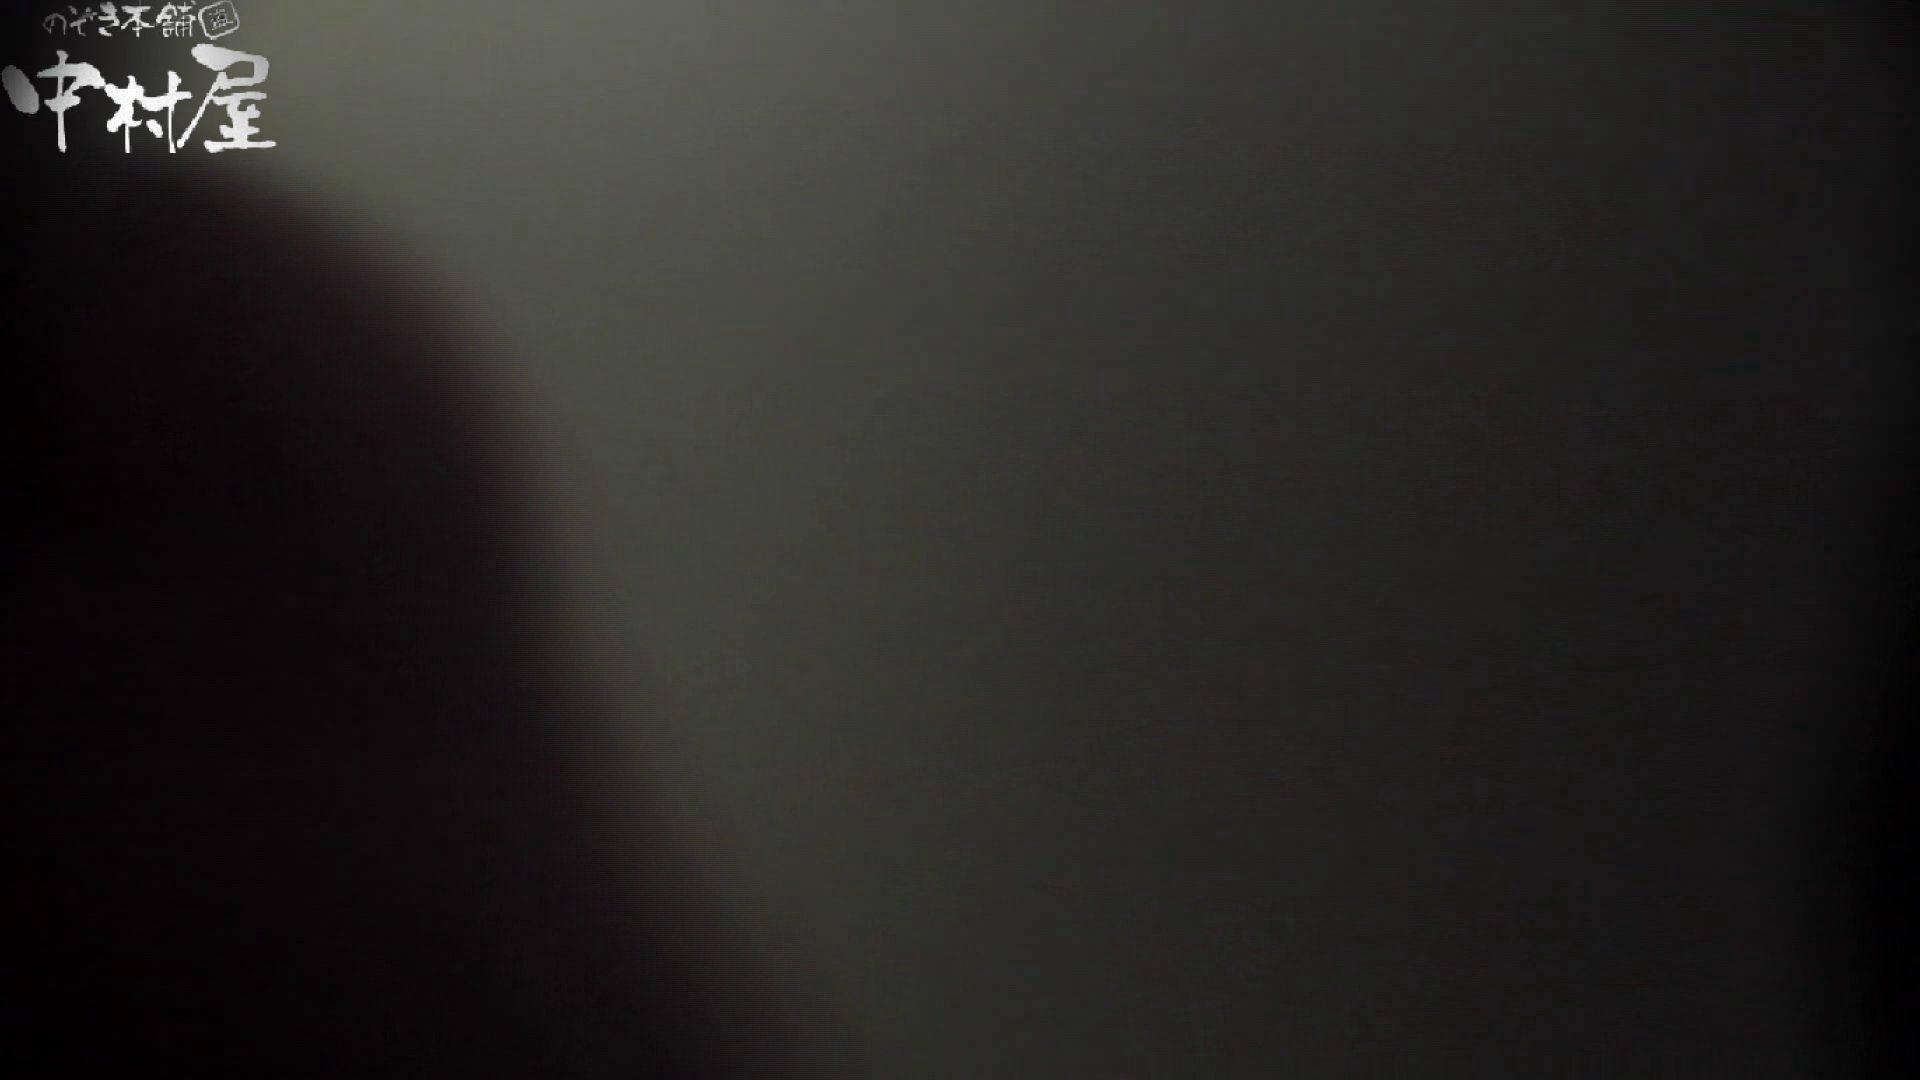 世界の射窓から vol.45 尻出しスマホ 後編 洗面所  60画像 32